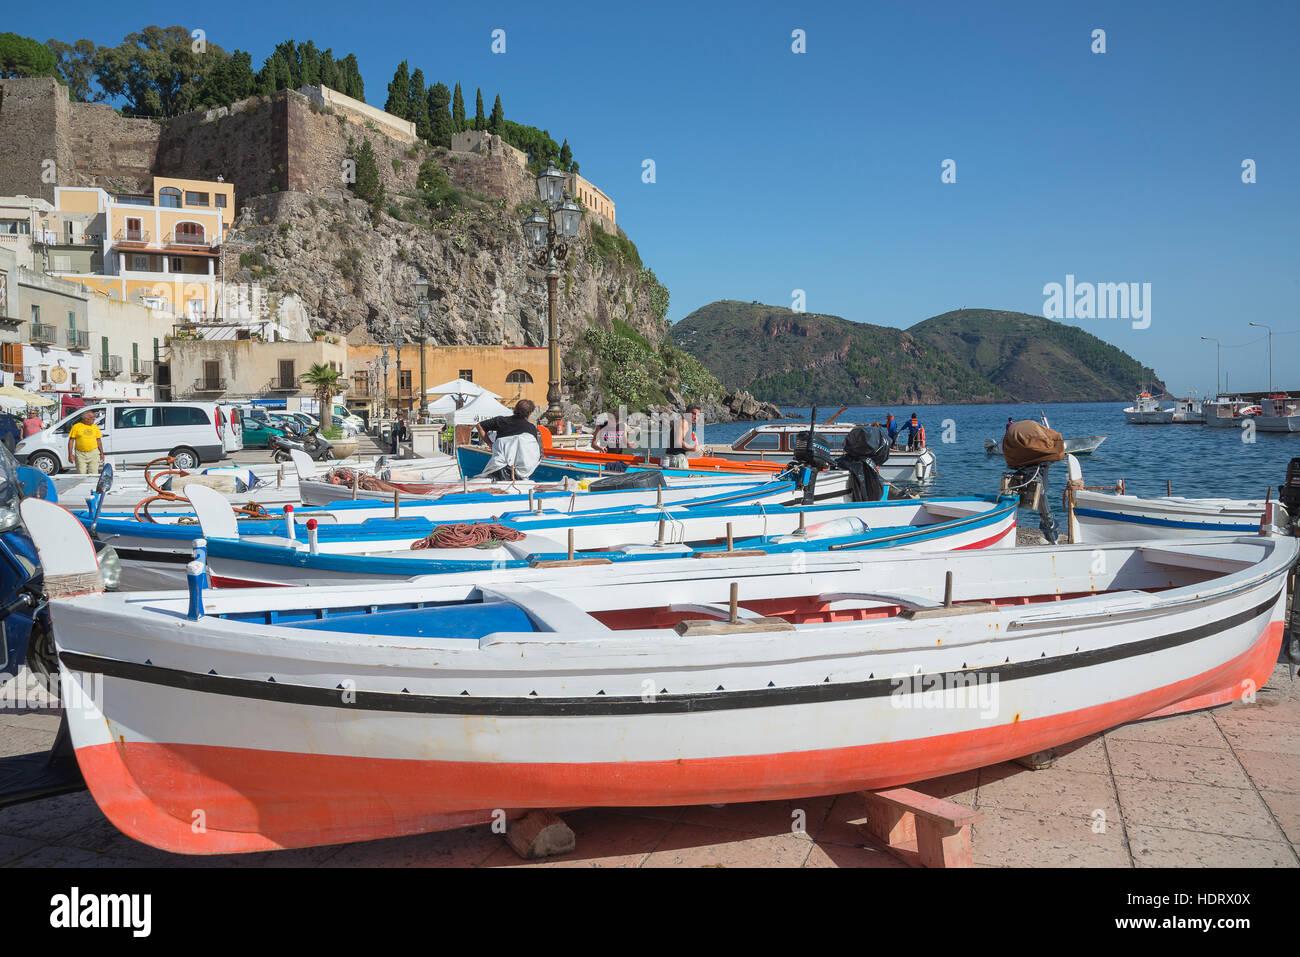 Barche da pesca a Marina Corta, cittadina Lipari, Isola di Lipari, Isole Eolie, Sito Patrimonio Mondiale dell'UNESCO, Immagini Stock